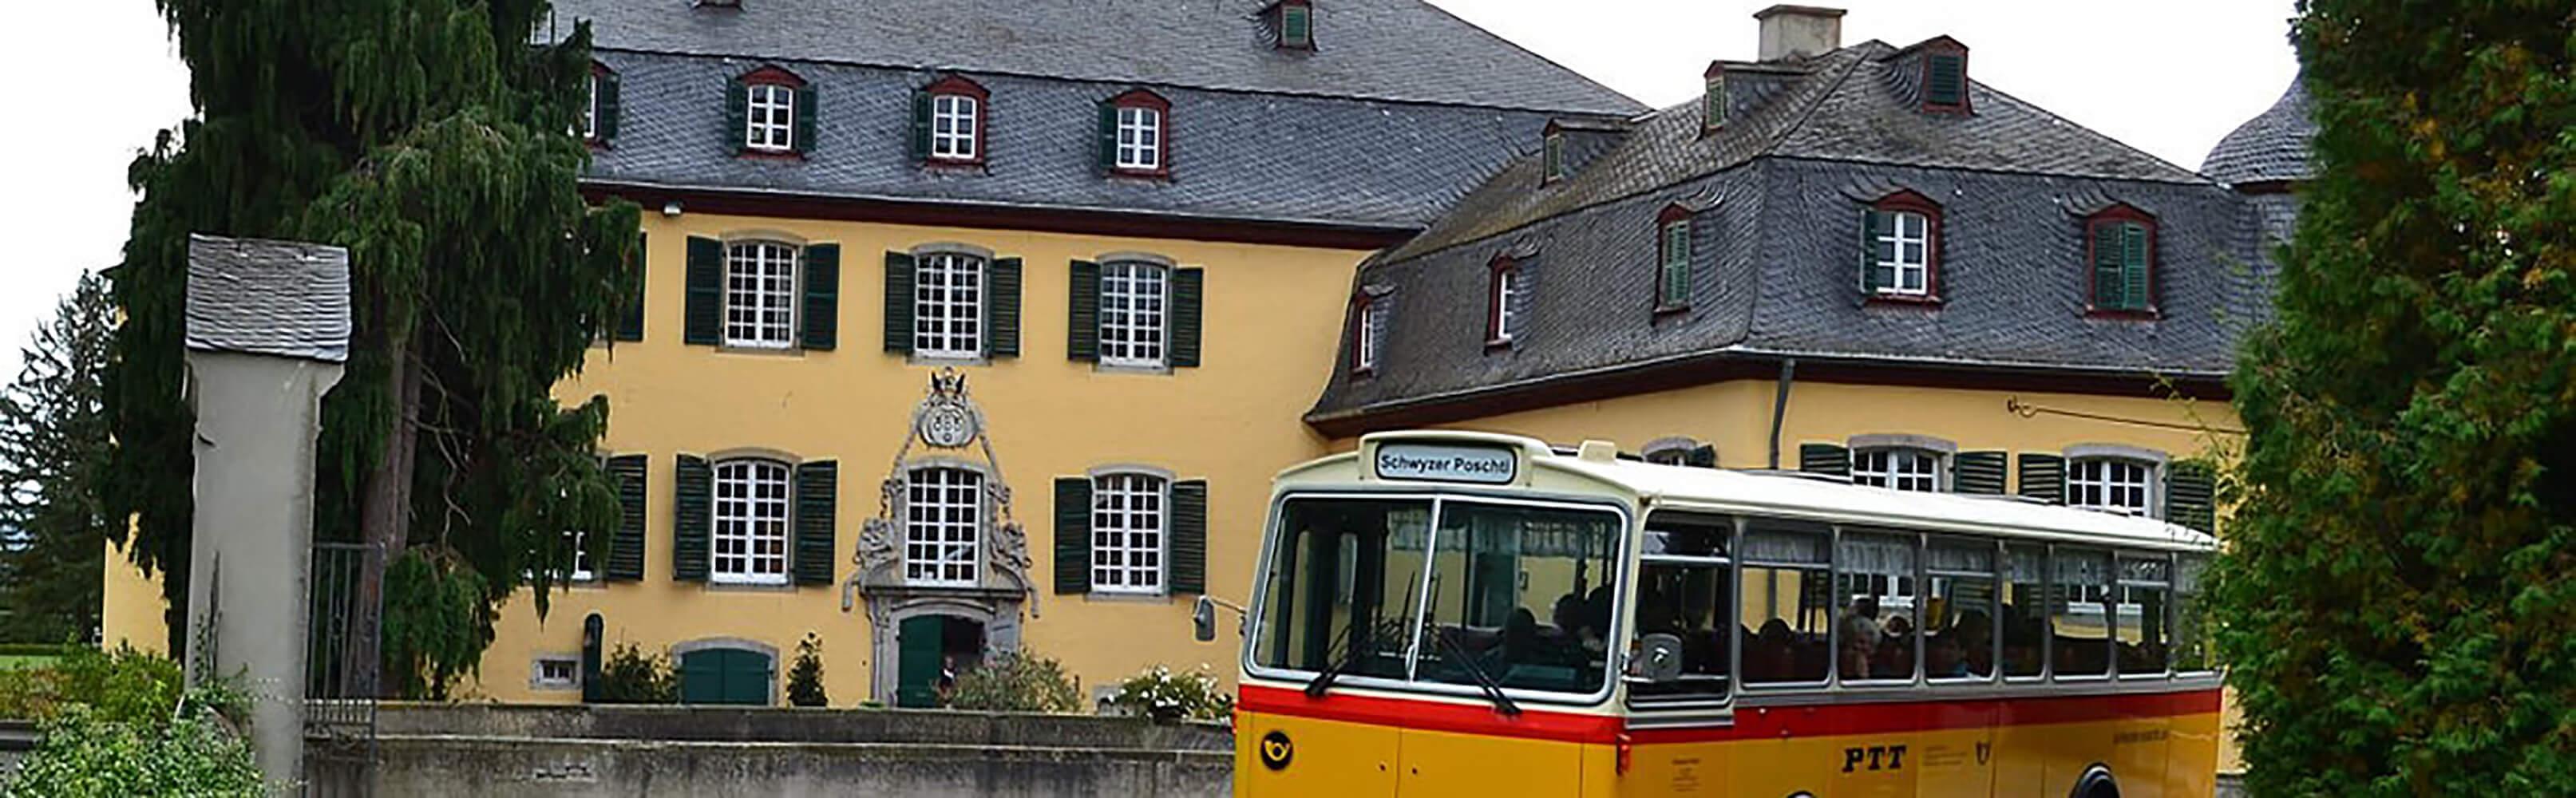 Schwyzer Poschti - Oldtimer-Busfahrten im Rheinland 1